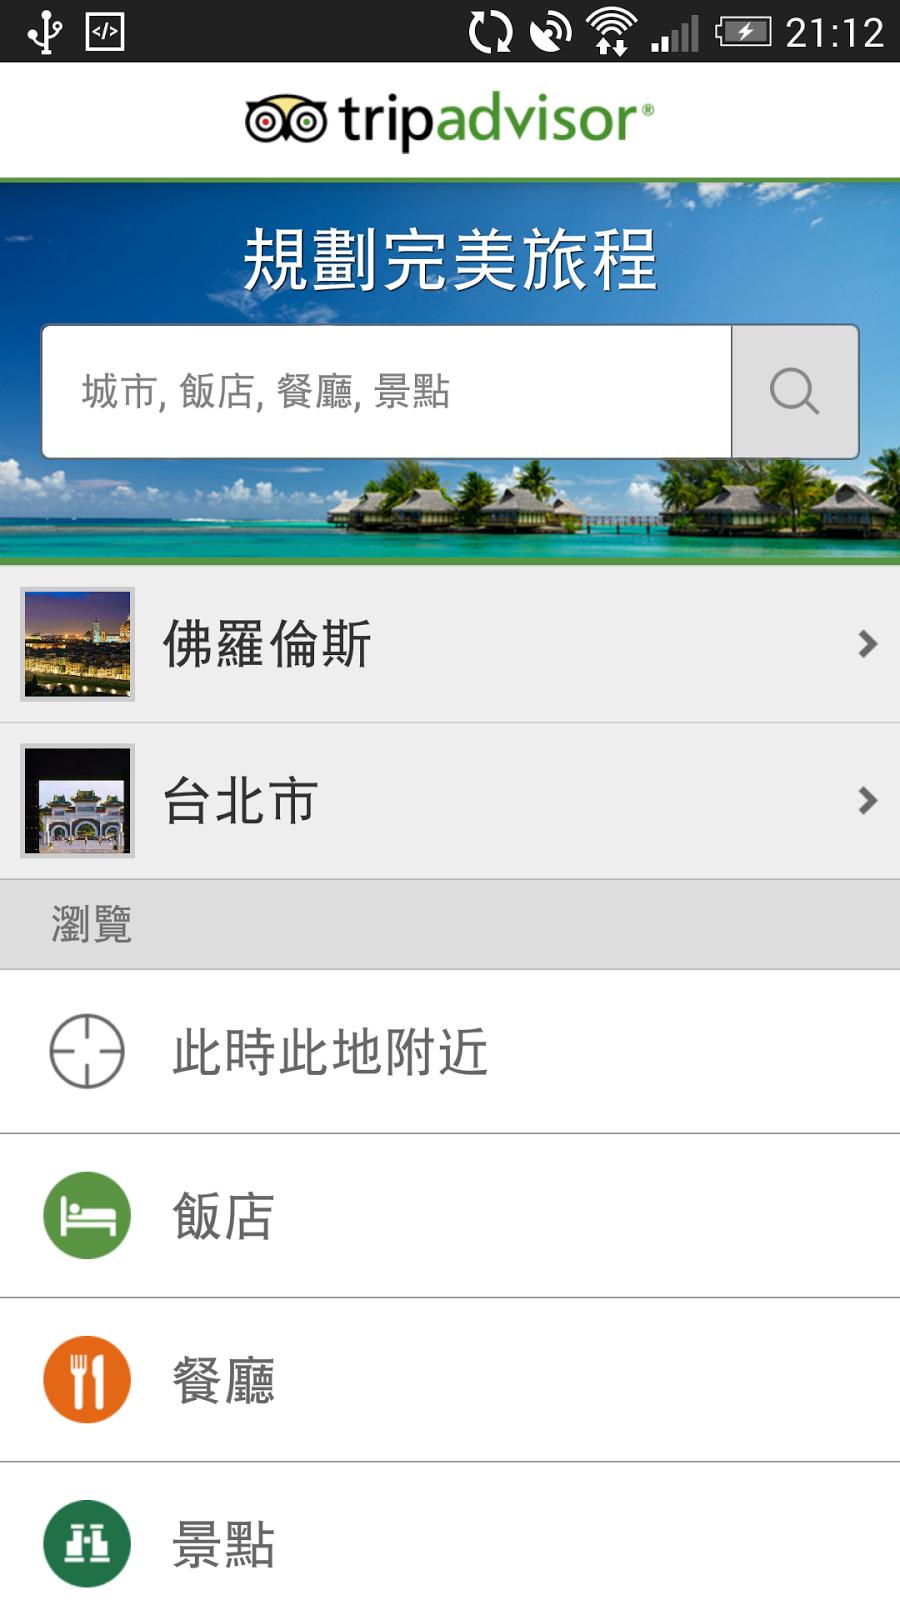 免費下載全球最大旅遊網 TripAdvisor 300個城市離線地圖 TripAdvisor+-01